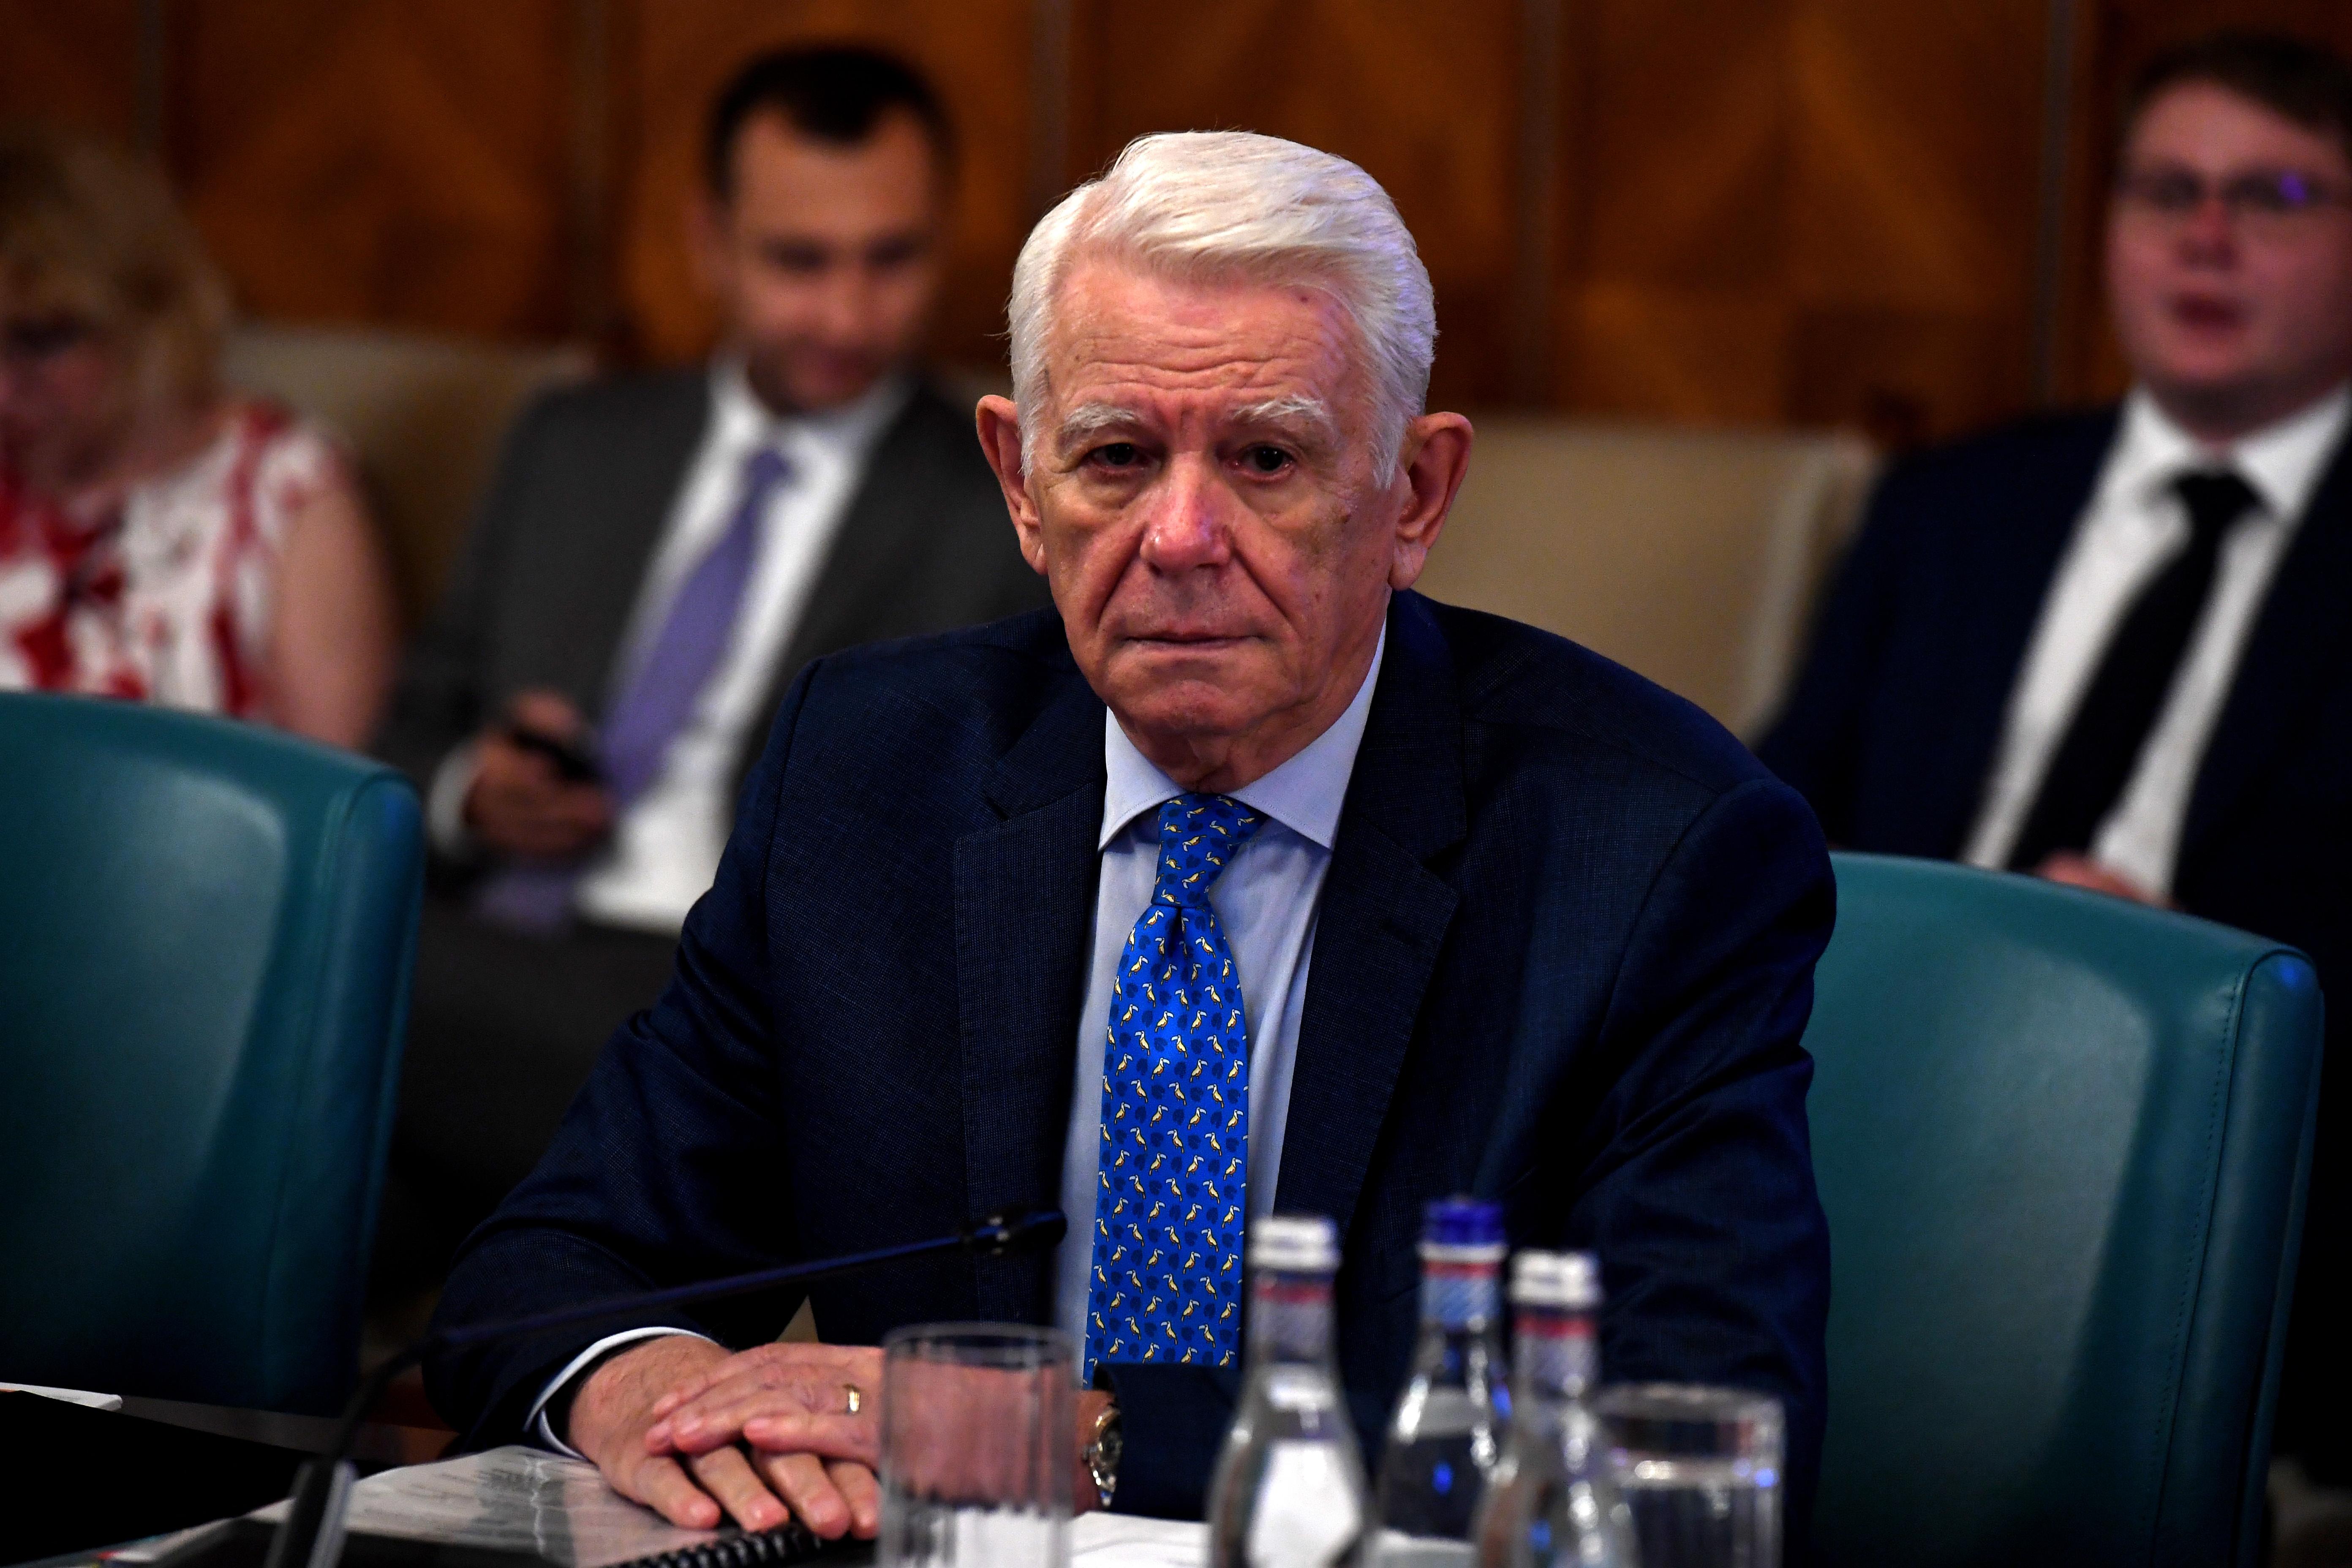 Teodor Meleșcanu s-a înscris într-un nou partid după ce a fost exclus din ALDE